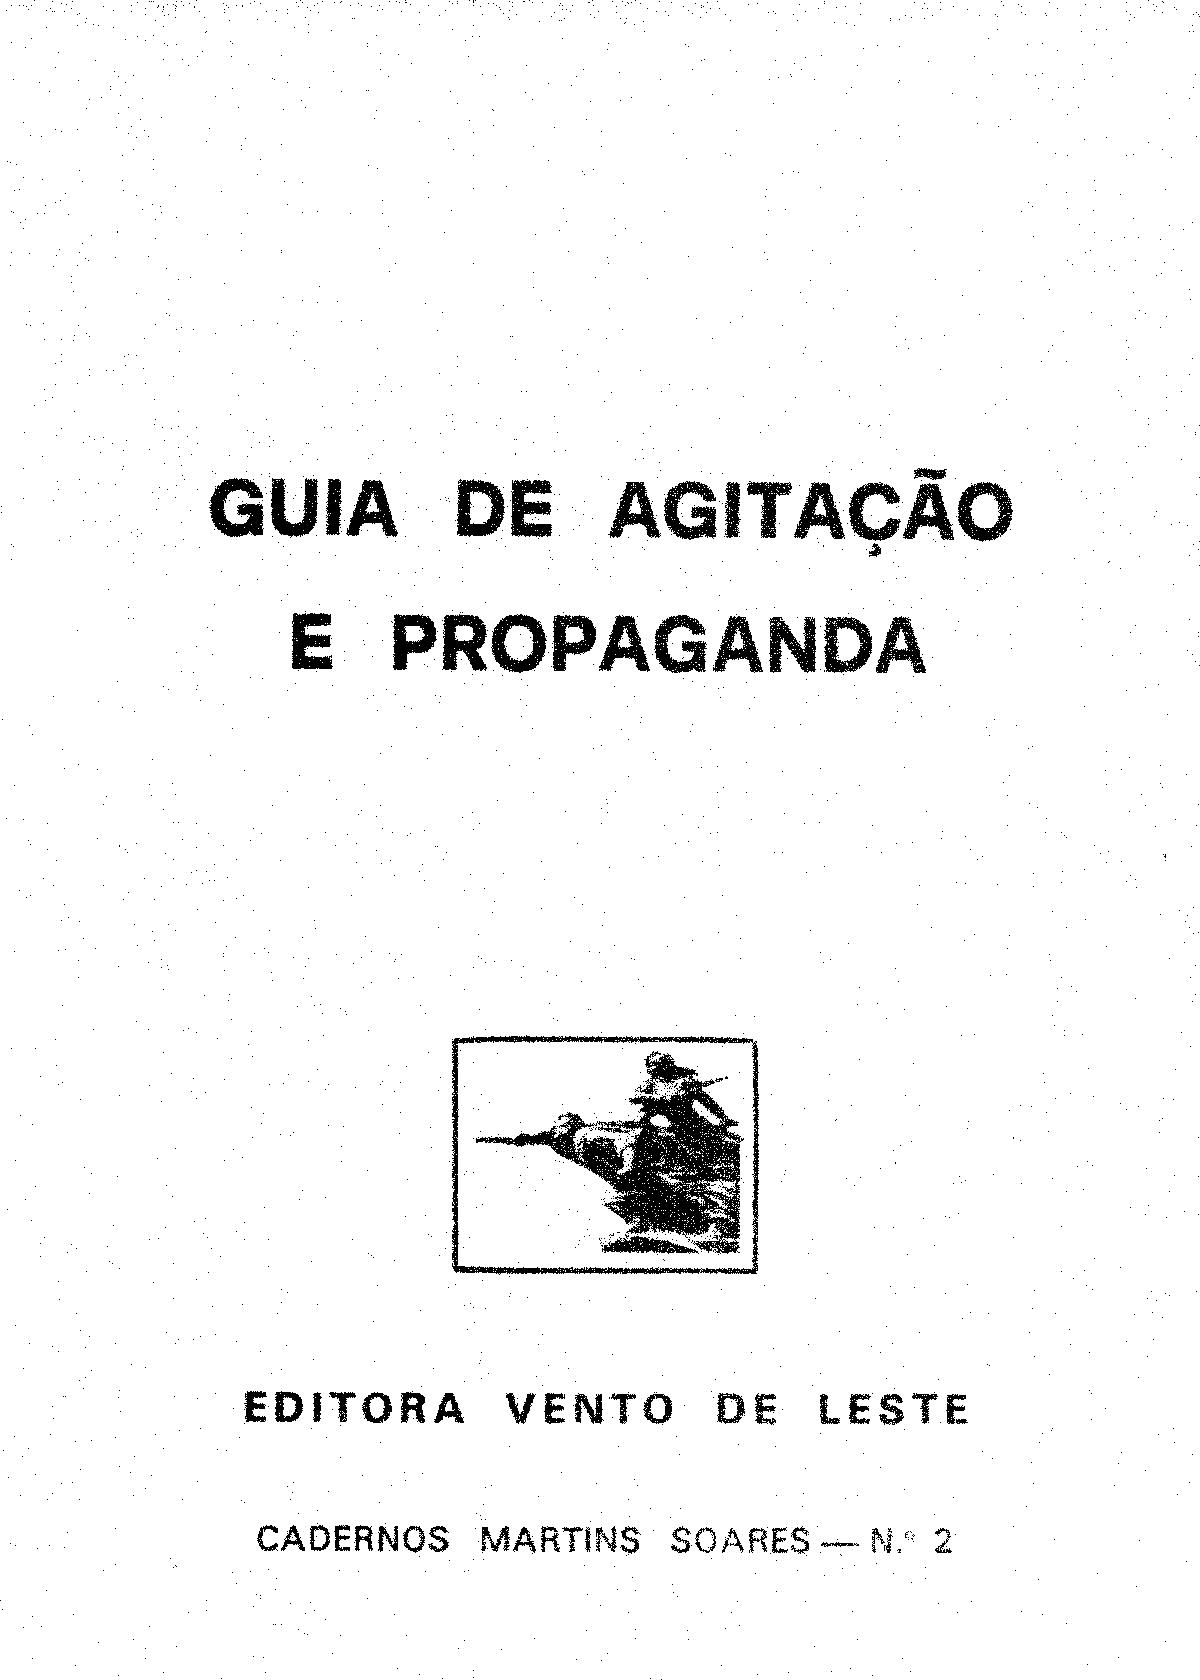 1975Guide for Agitation and propaganda